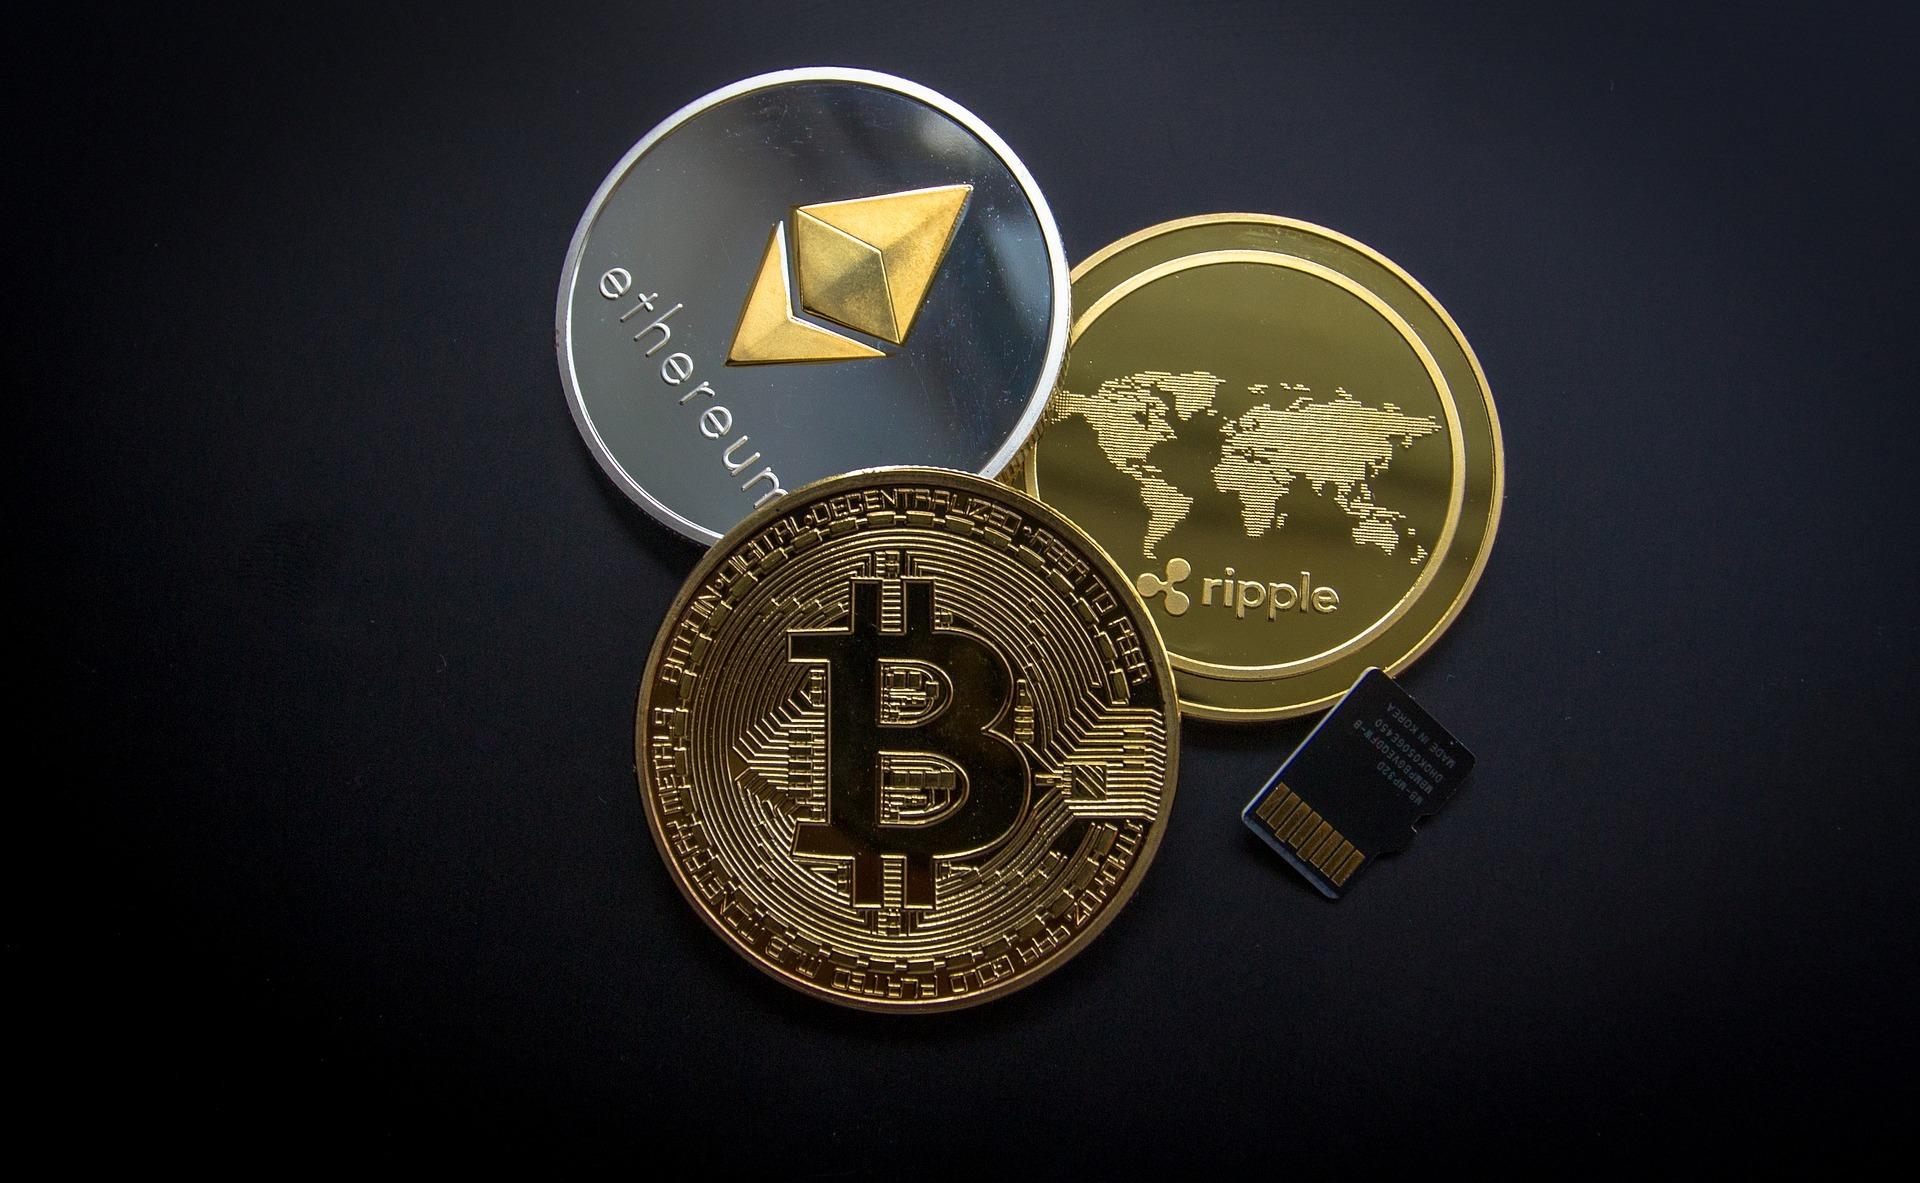 kako ulagati u bitcoin infrastrukturu fibonacci kripto objasnio trgovanje